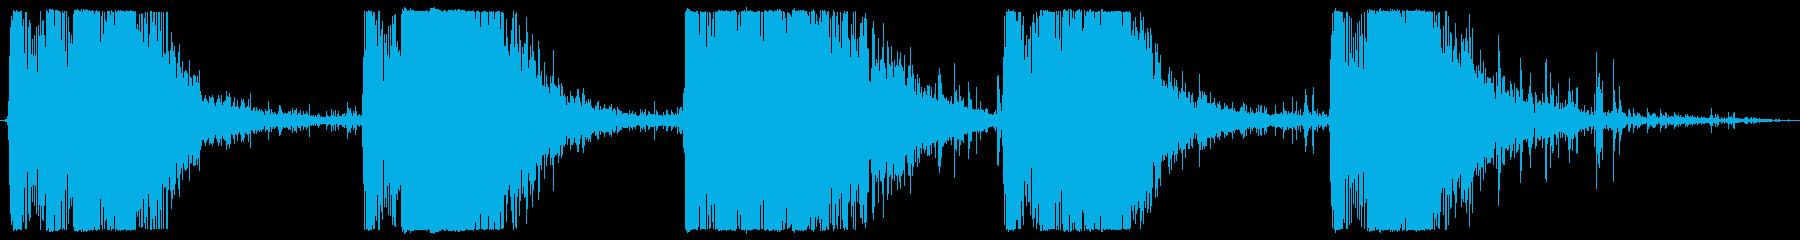 レーザーガン:ロックインパクトのあ...の再生済みの波形